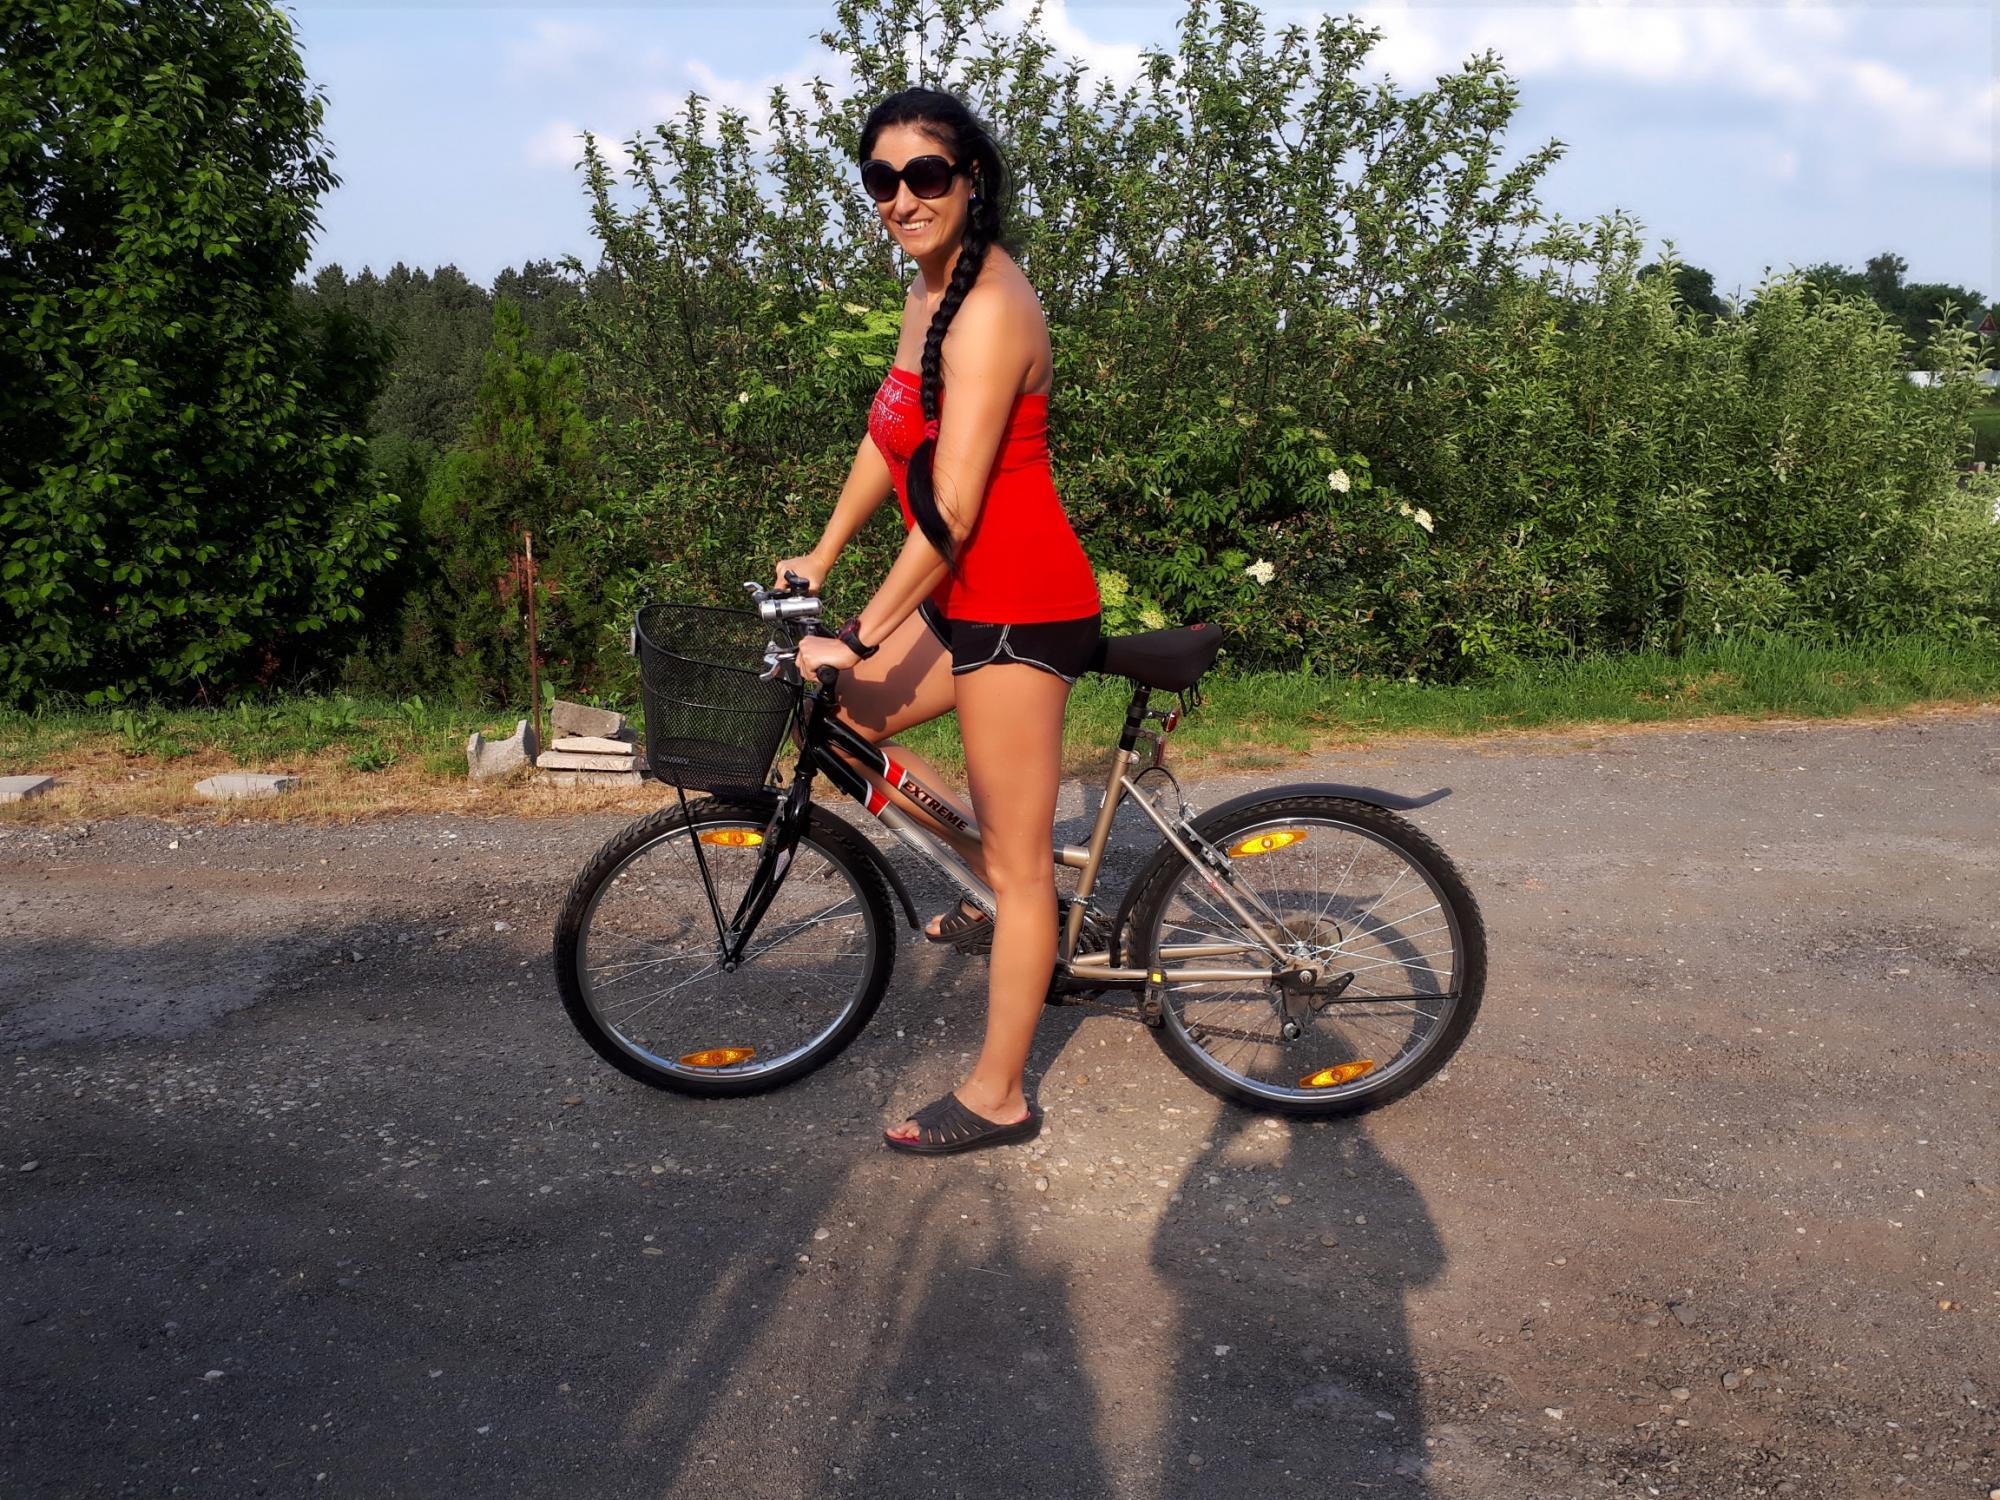 iza-saját-bicikli-pepitablog